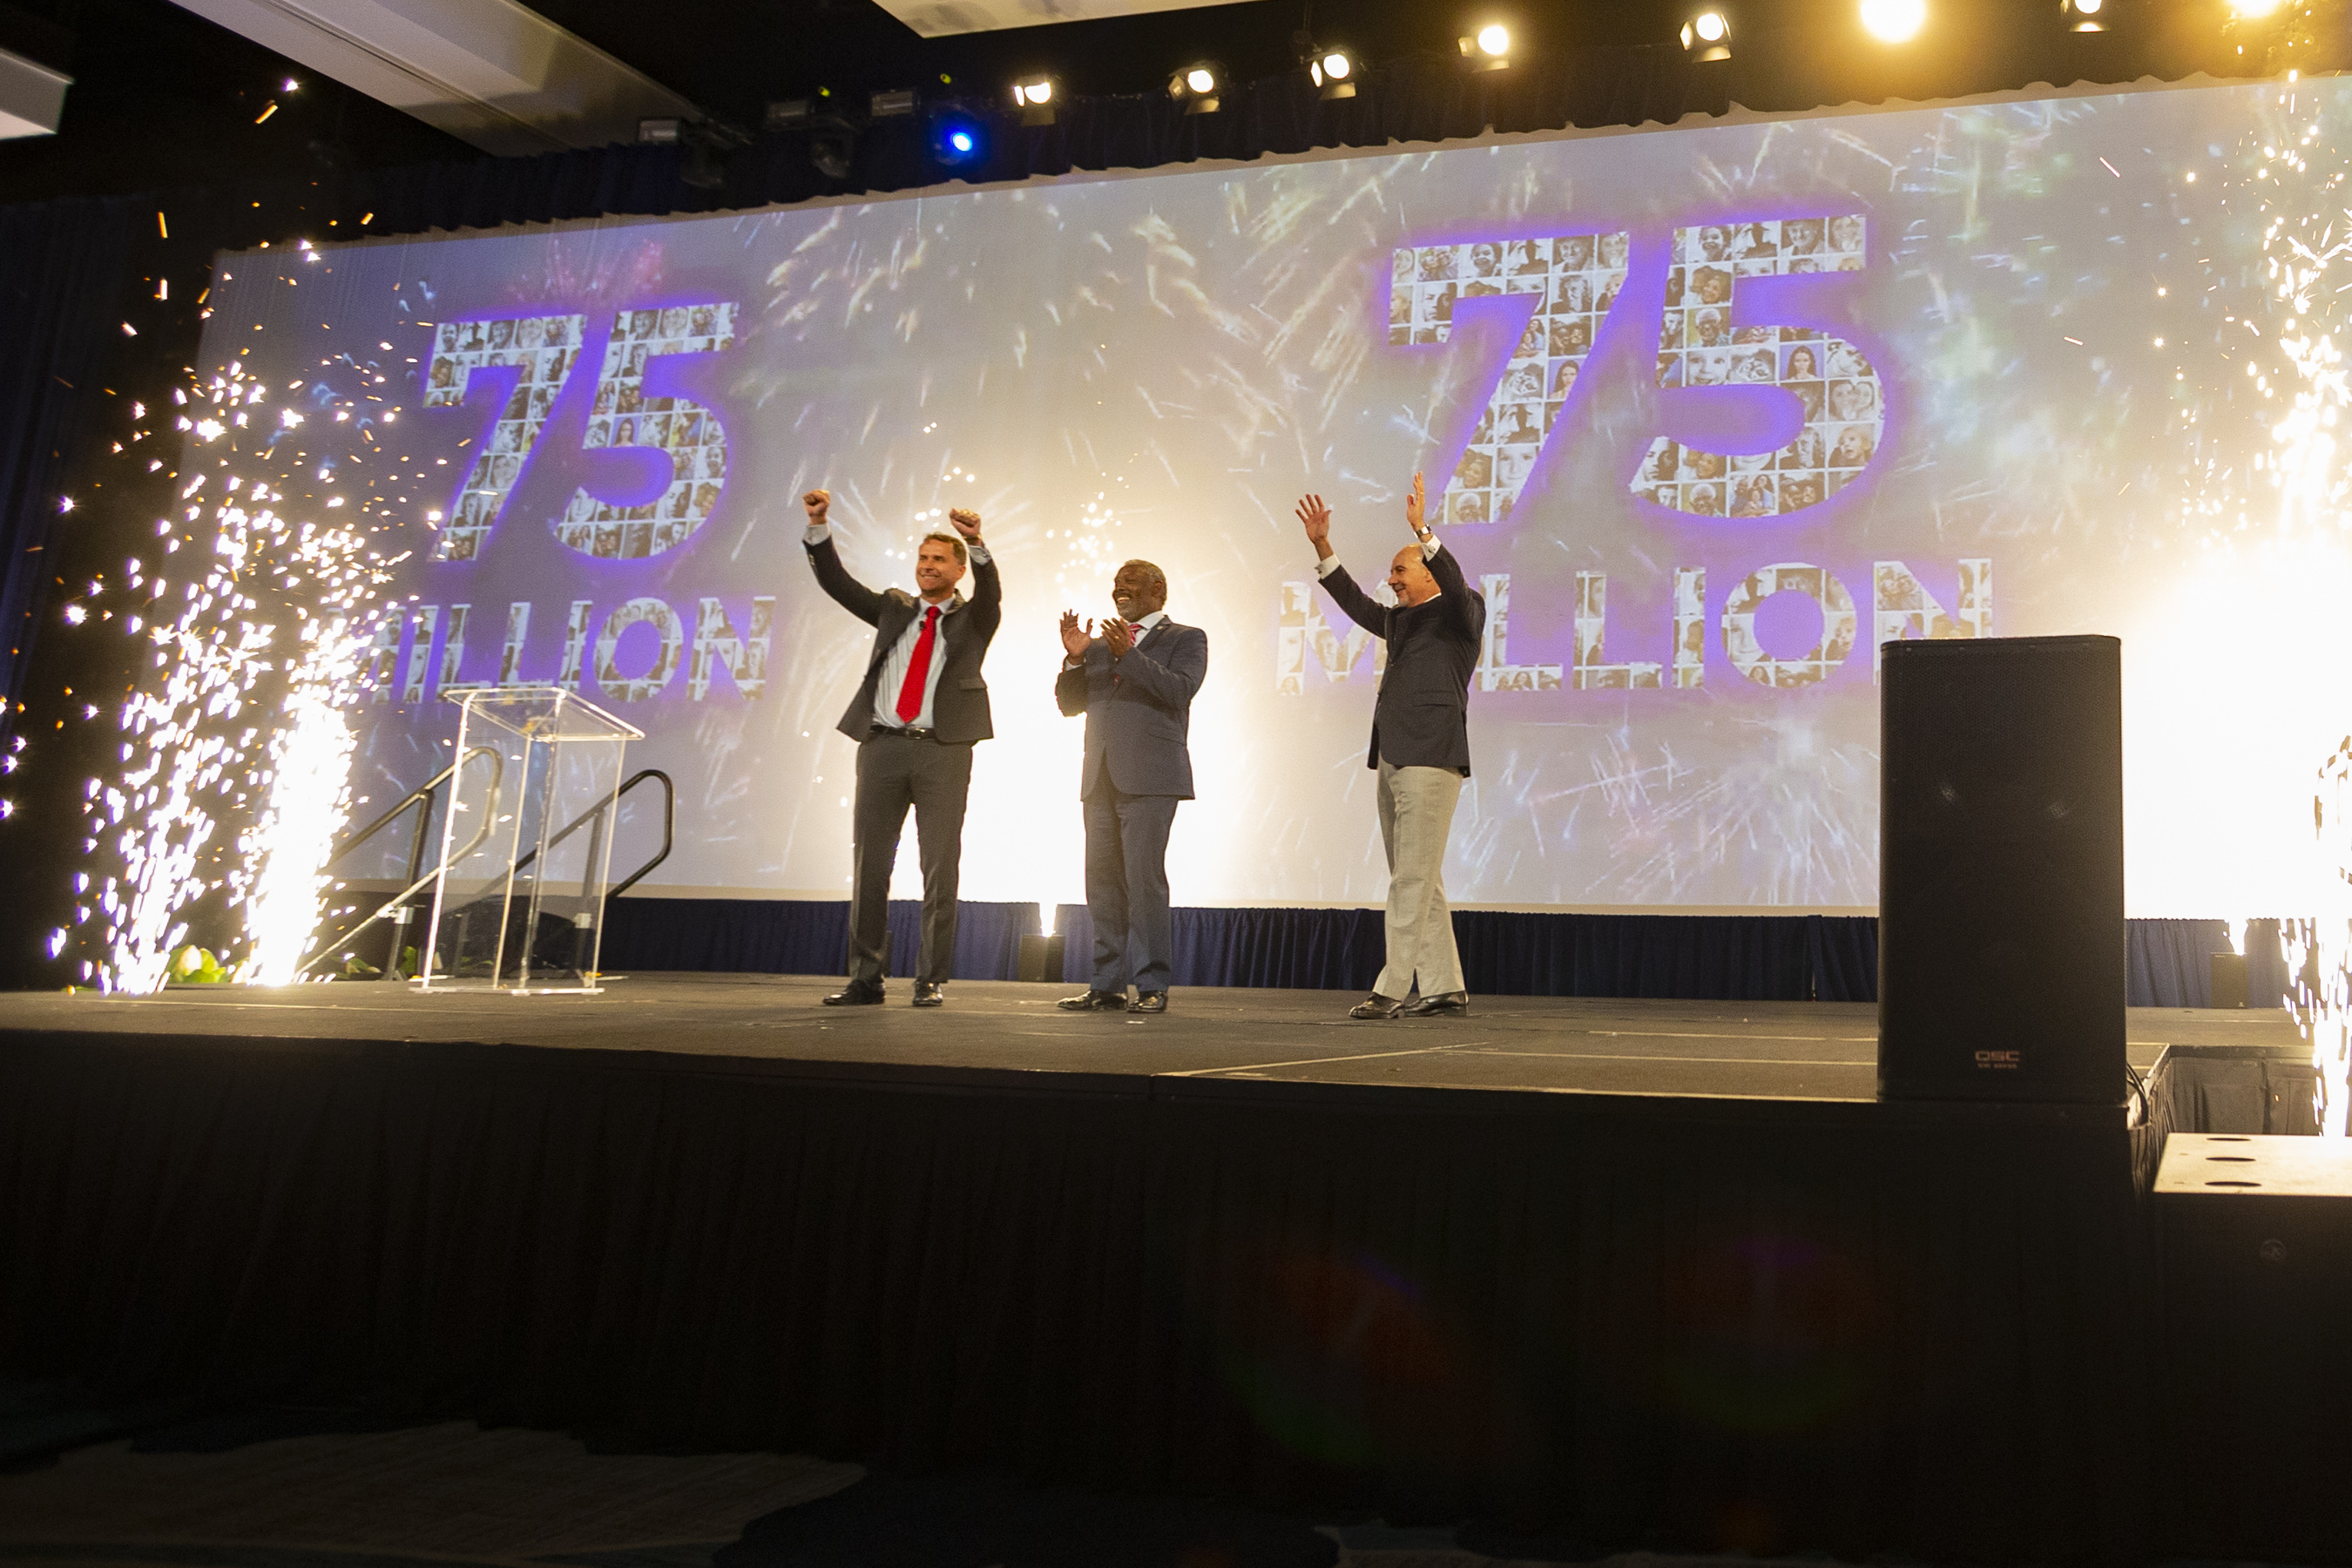 """El Alcalde Demings junto a otros dos hombres en el escenario. Detrás de ellos puede leerse """"75 millones"""" en la pantalla gigante."""